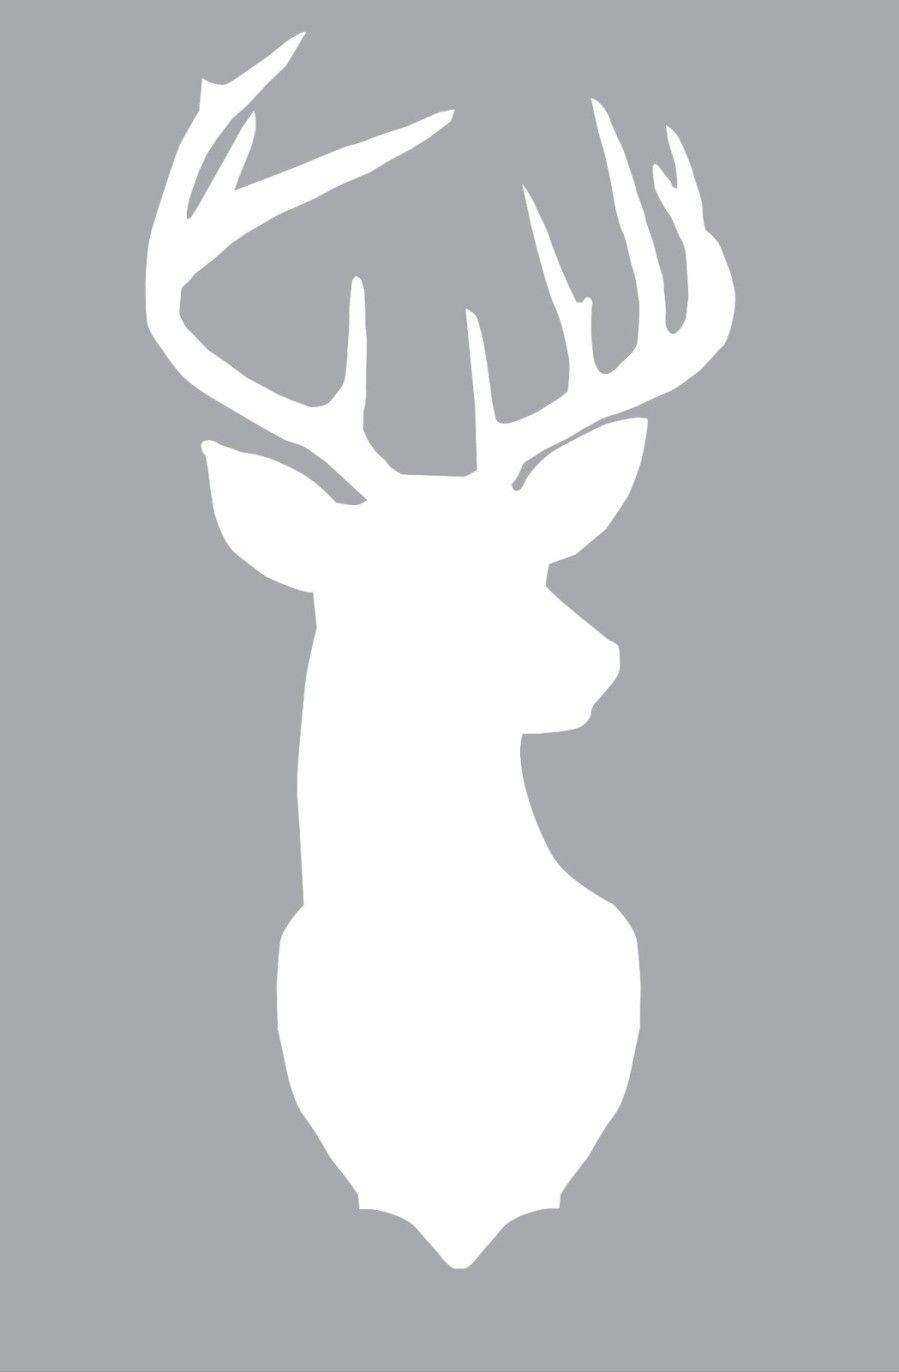 Motif Tête De Cerf Pour Projet Veste Silhouette De Tête De